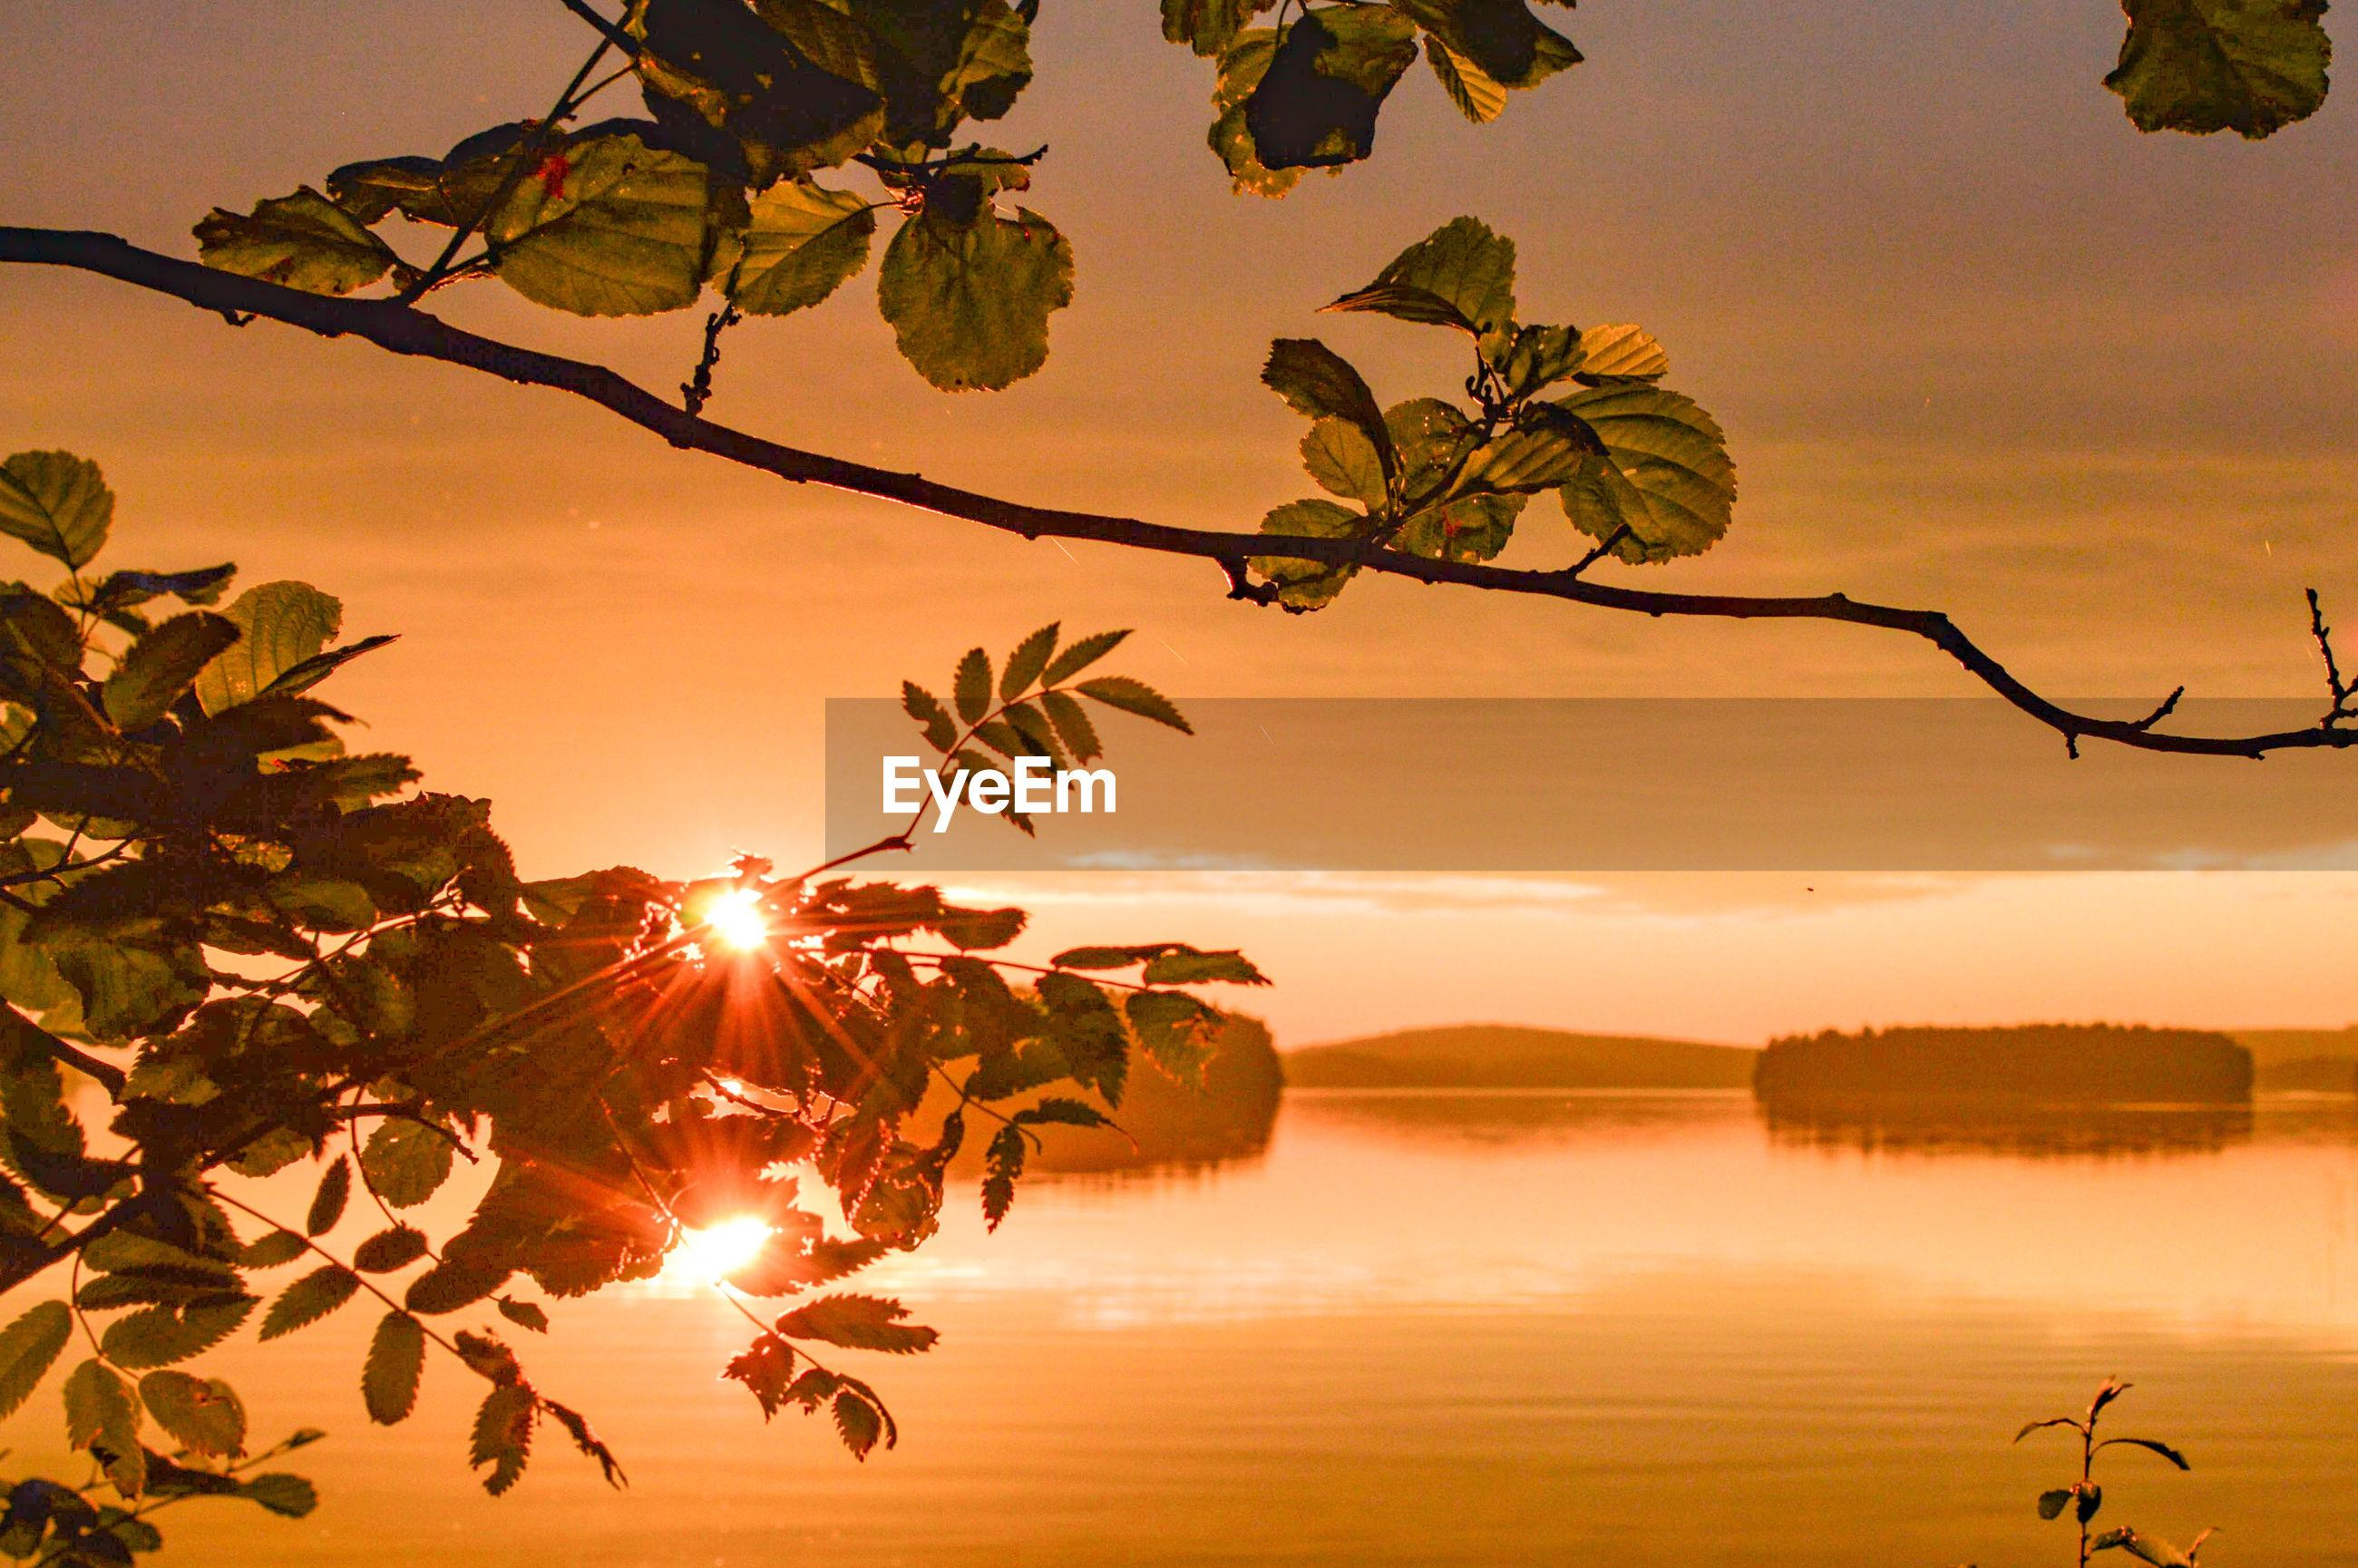 SUN SHINING OVER LAKE DURING SUNSET